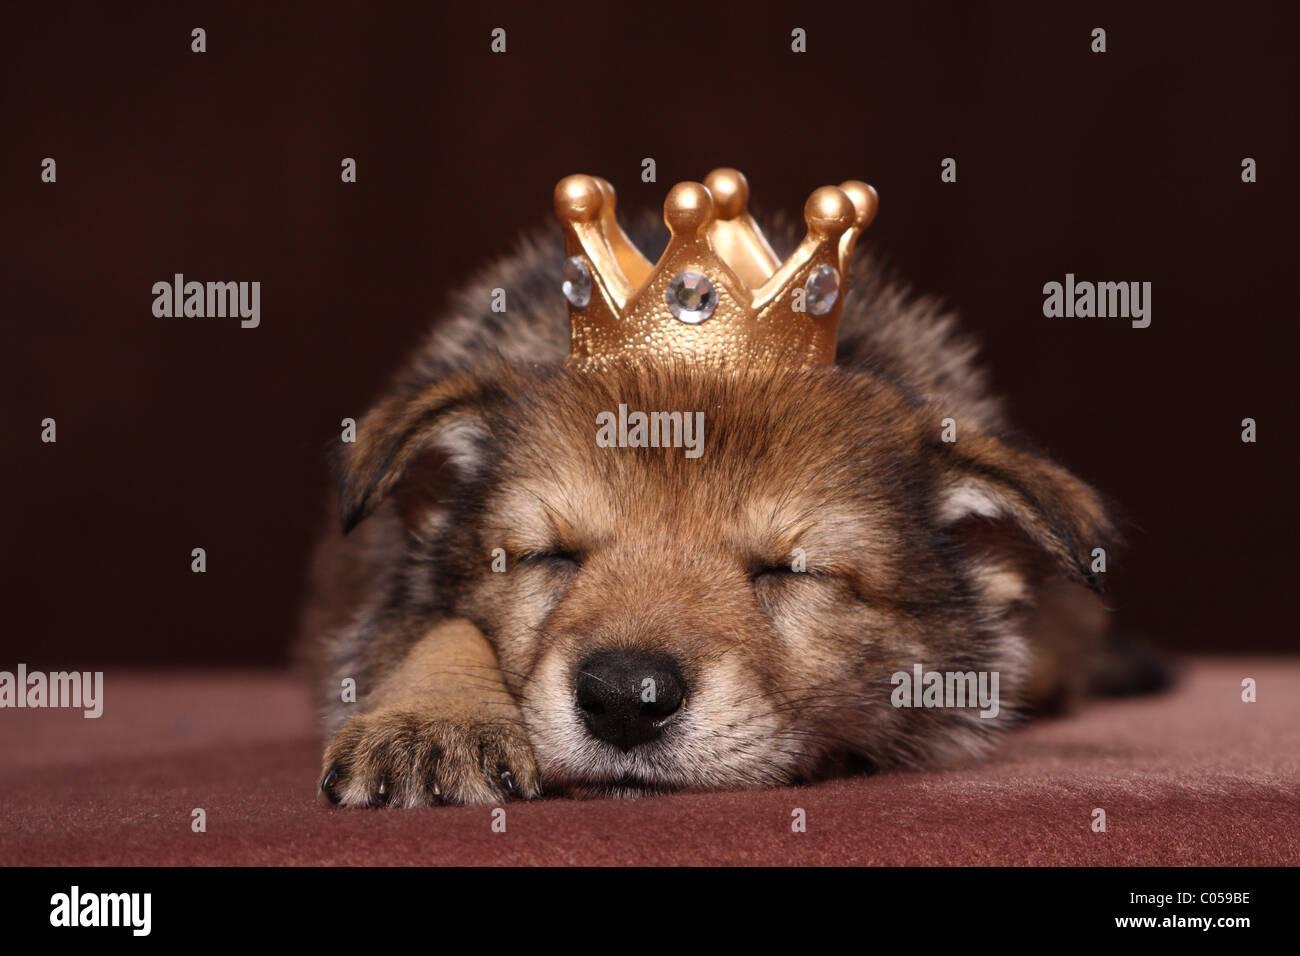 sleeping Saarloos Wolfdog puppy - Stock Image